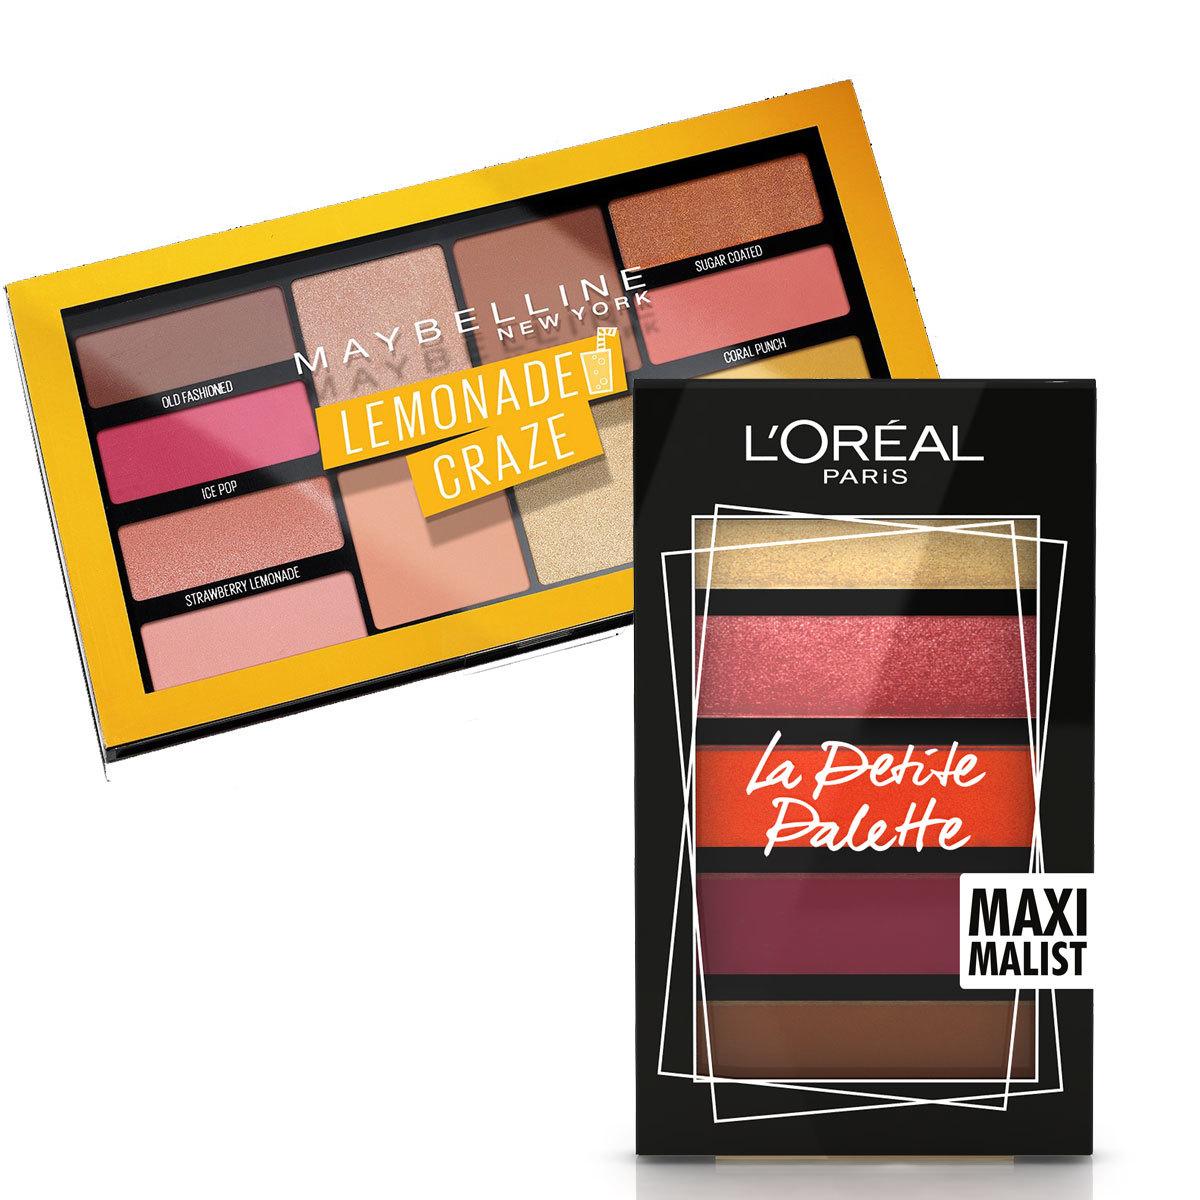 Paleta de sombras Lemonade Crazy, Maybelline (14,99 euros); La Petite Palette, L'Oréal Paris (12,95 euros).